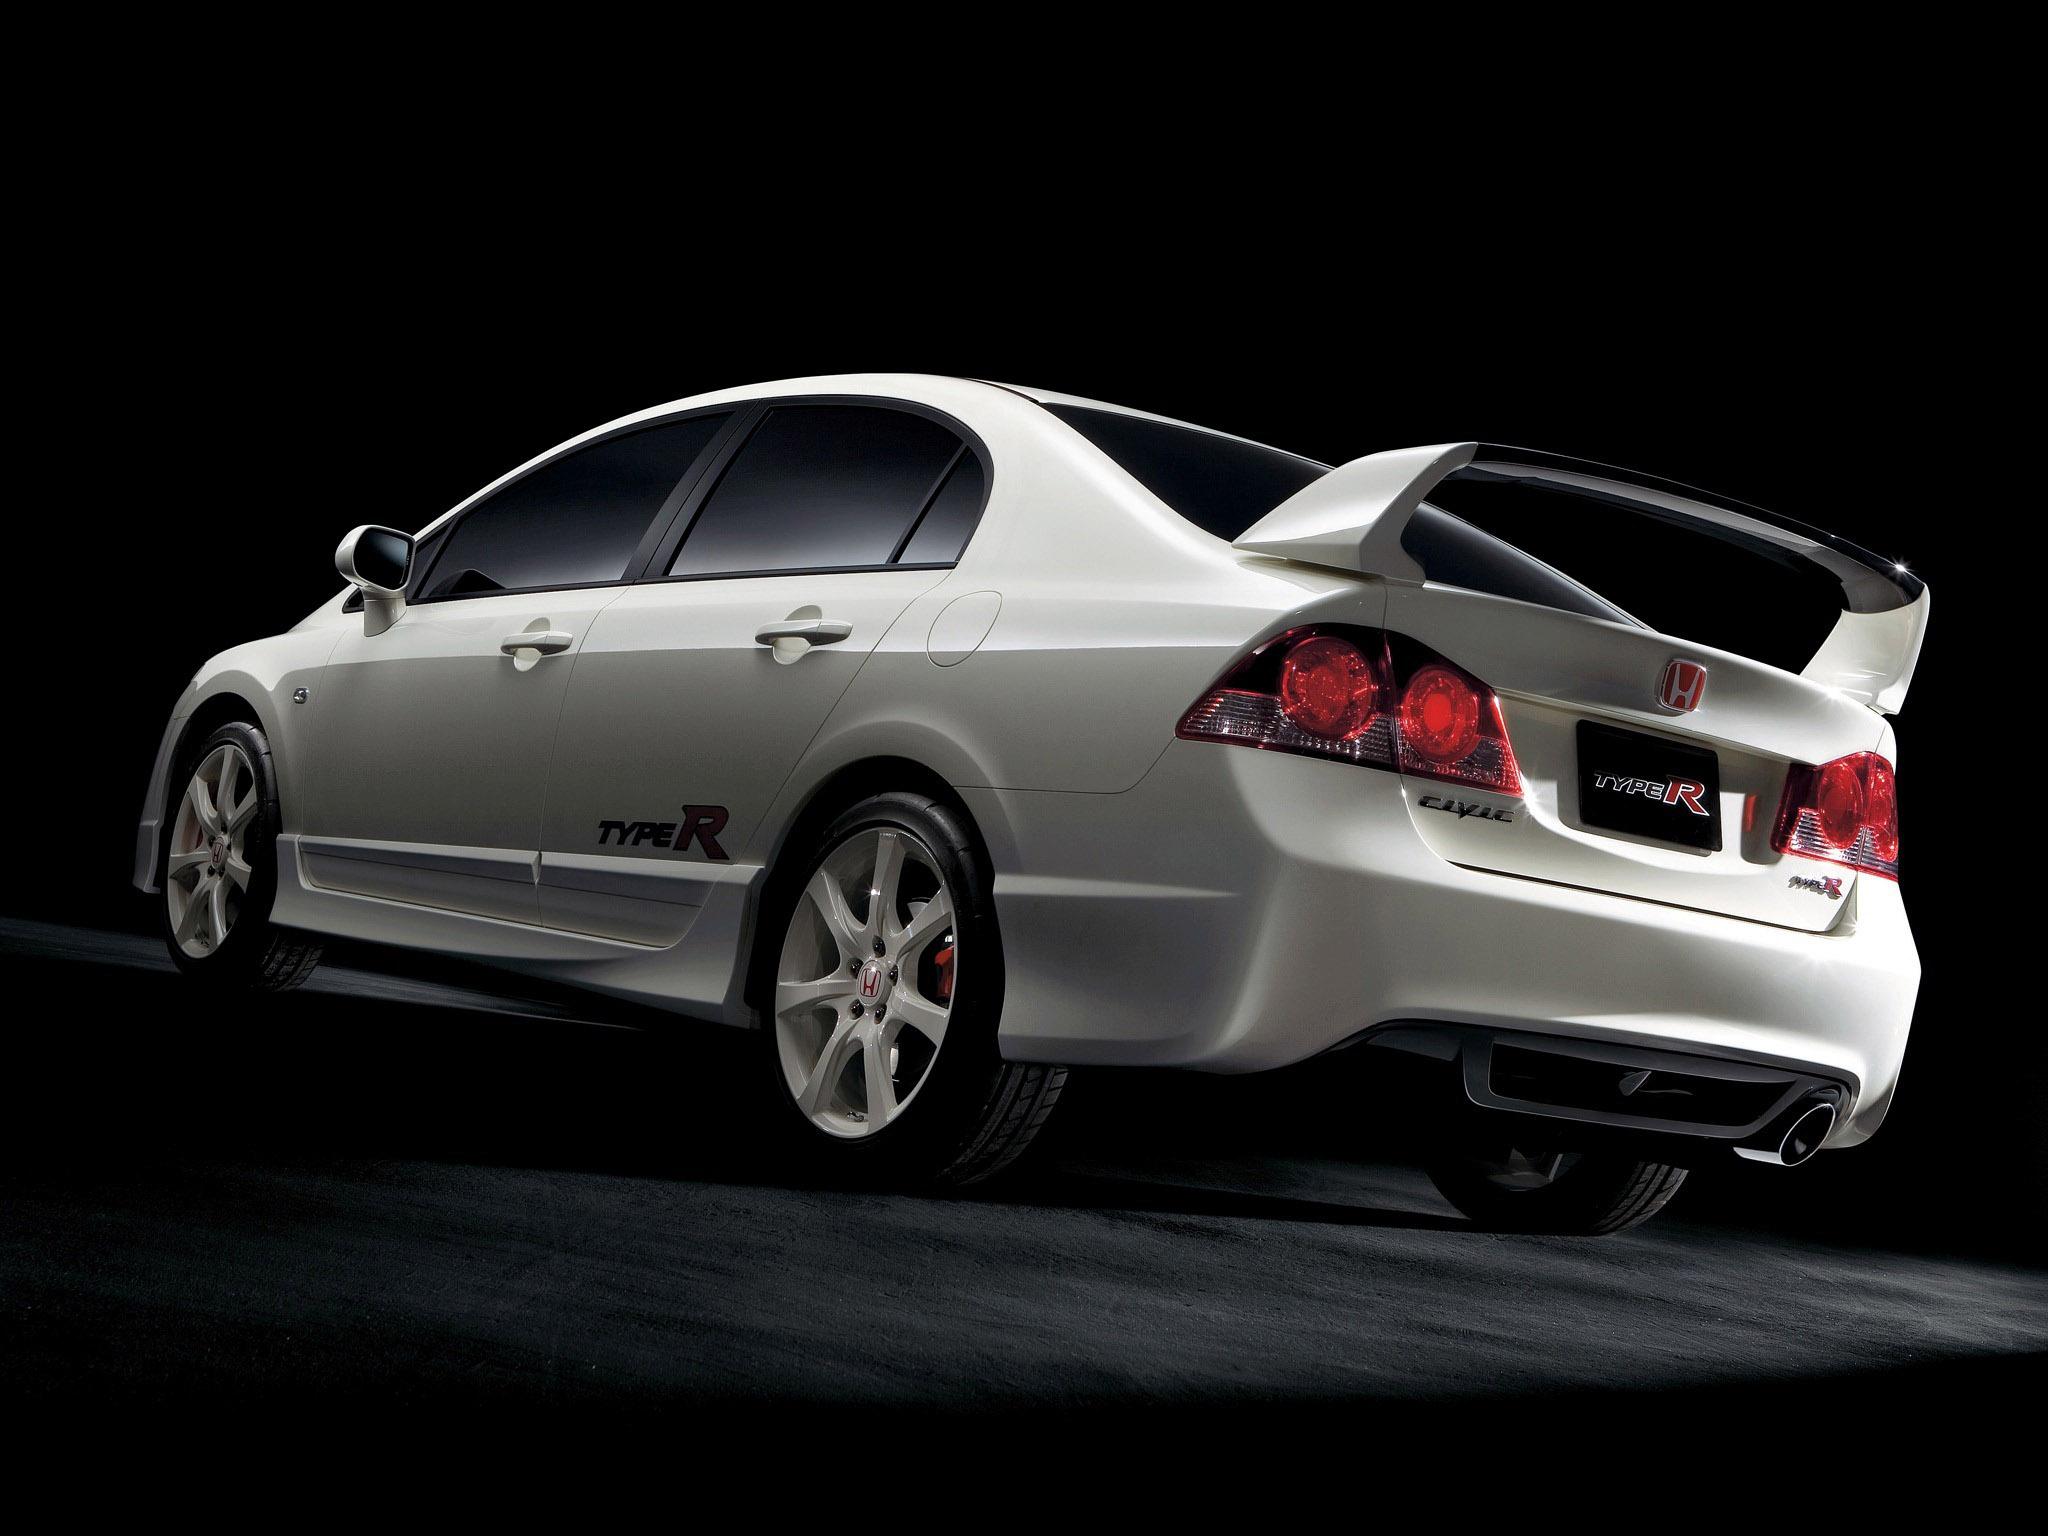 Honda civic type r sedan 2012